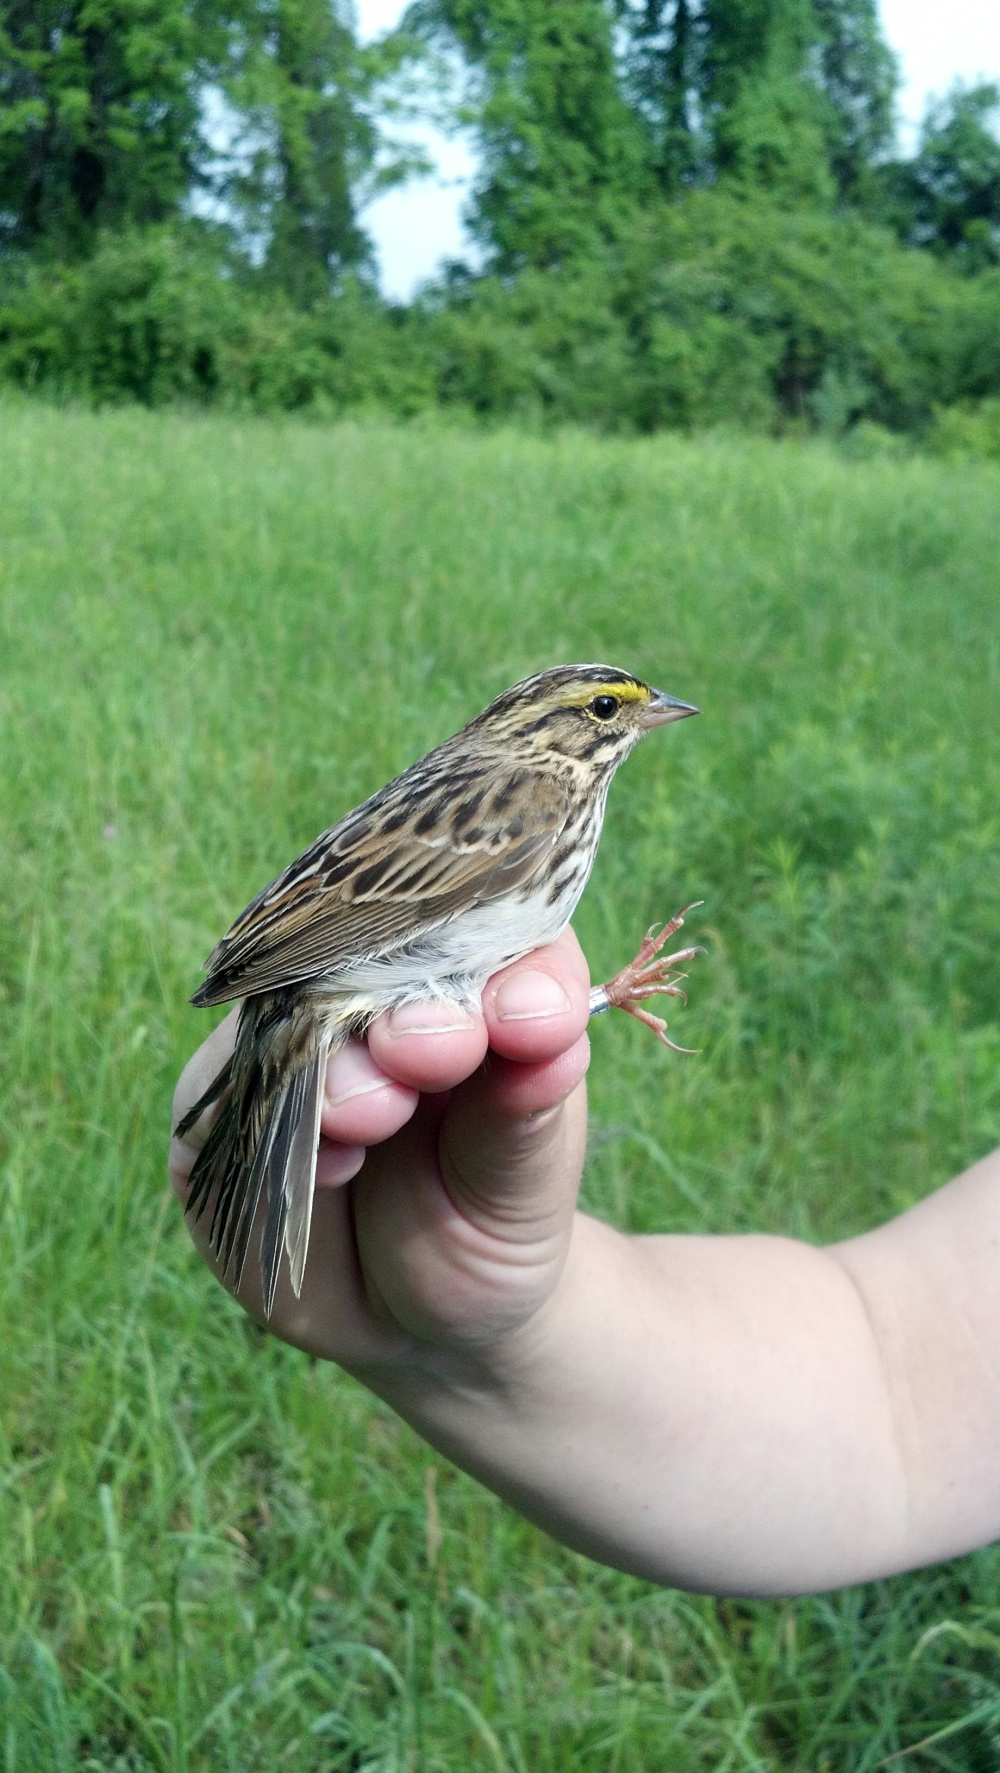 Savannah Sparrow by Brie Brigham